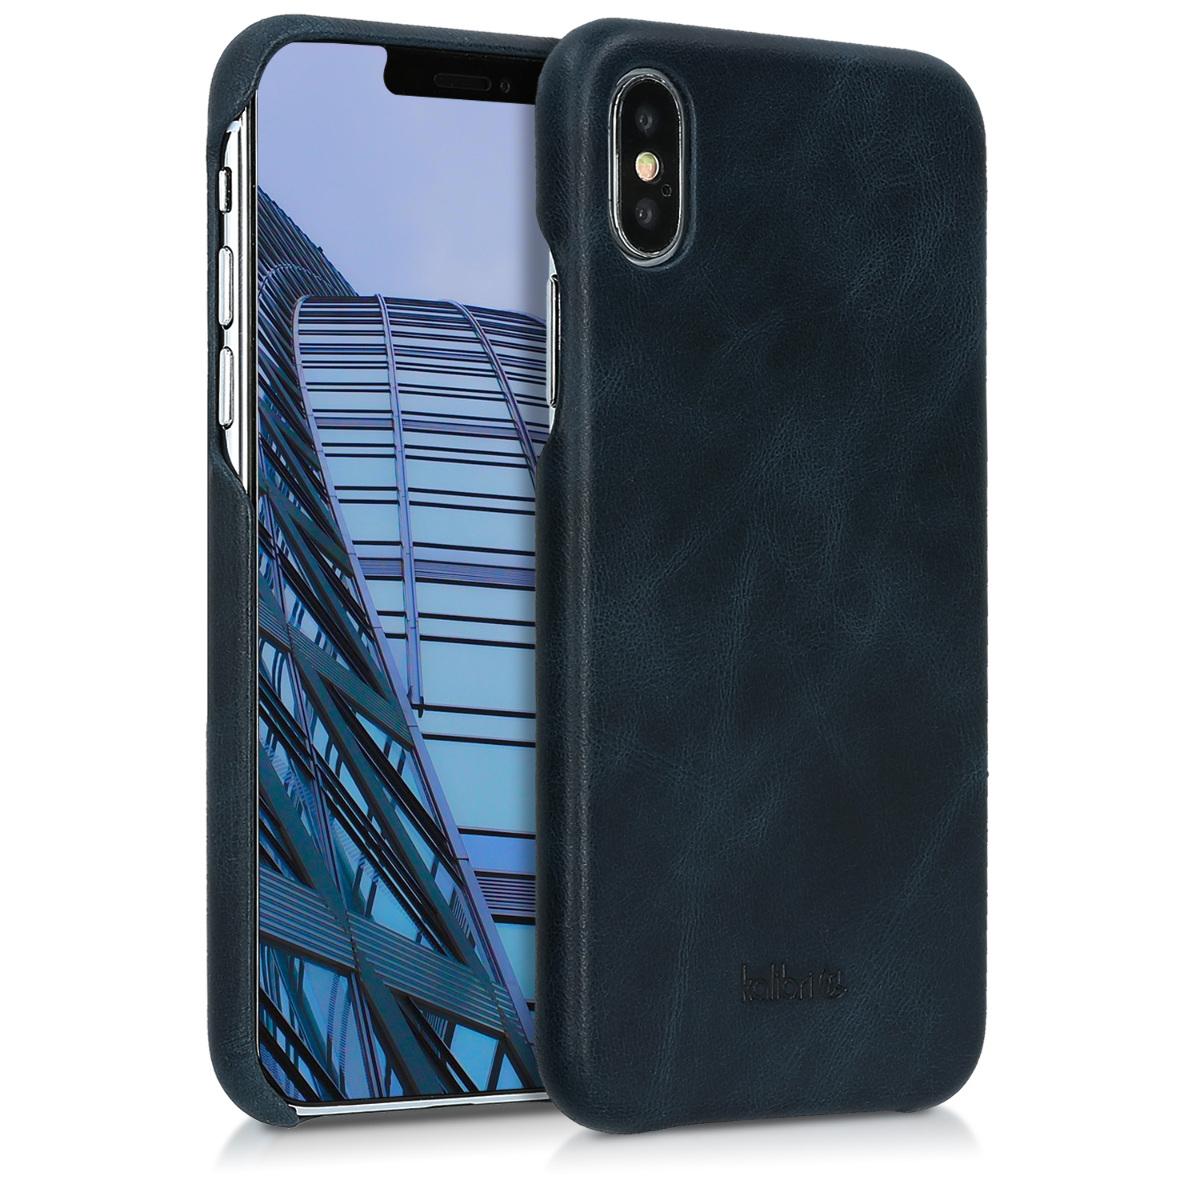 Kalibri Σκληρή Δερμάτινη Θήκη iPhone X - Dark Blue (42516.17)